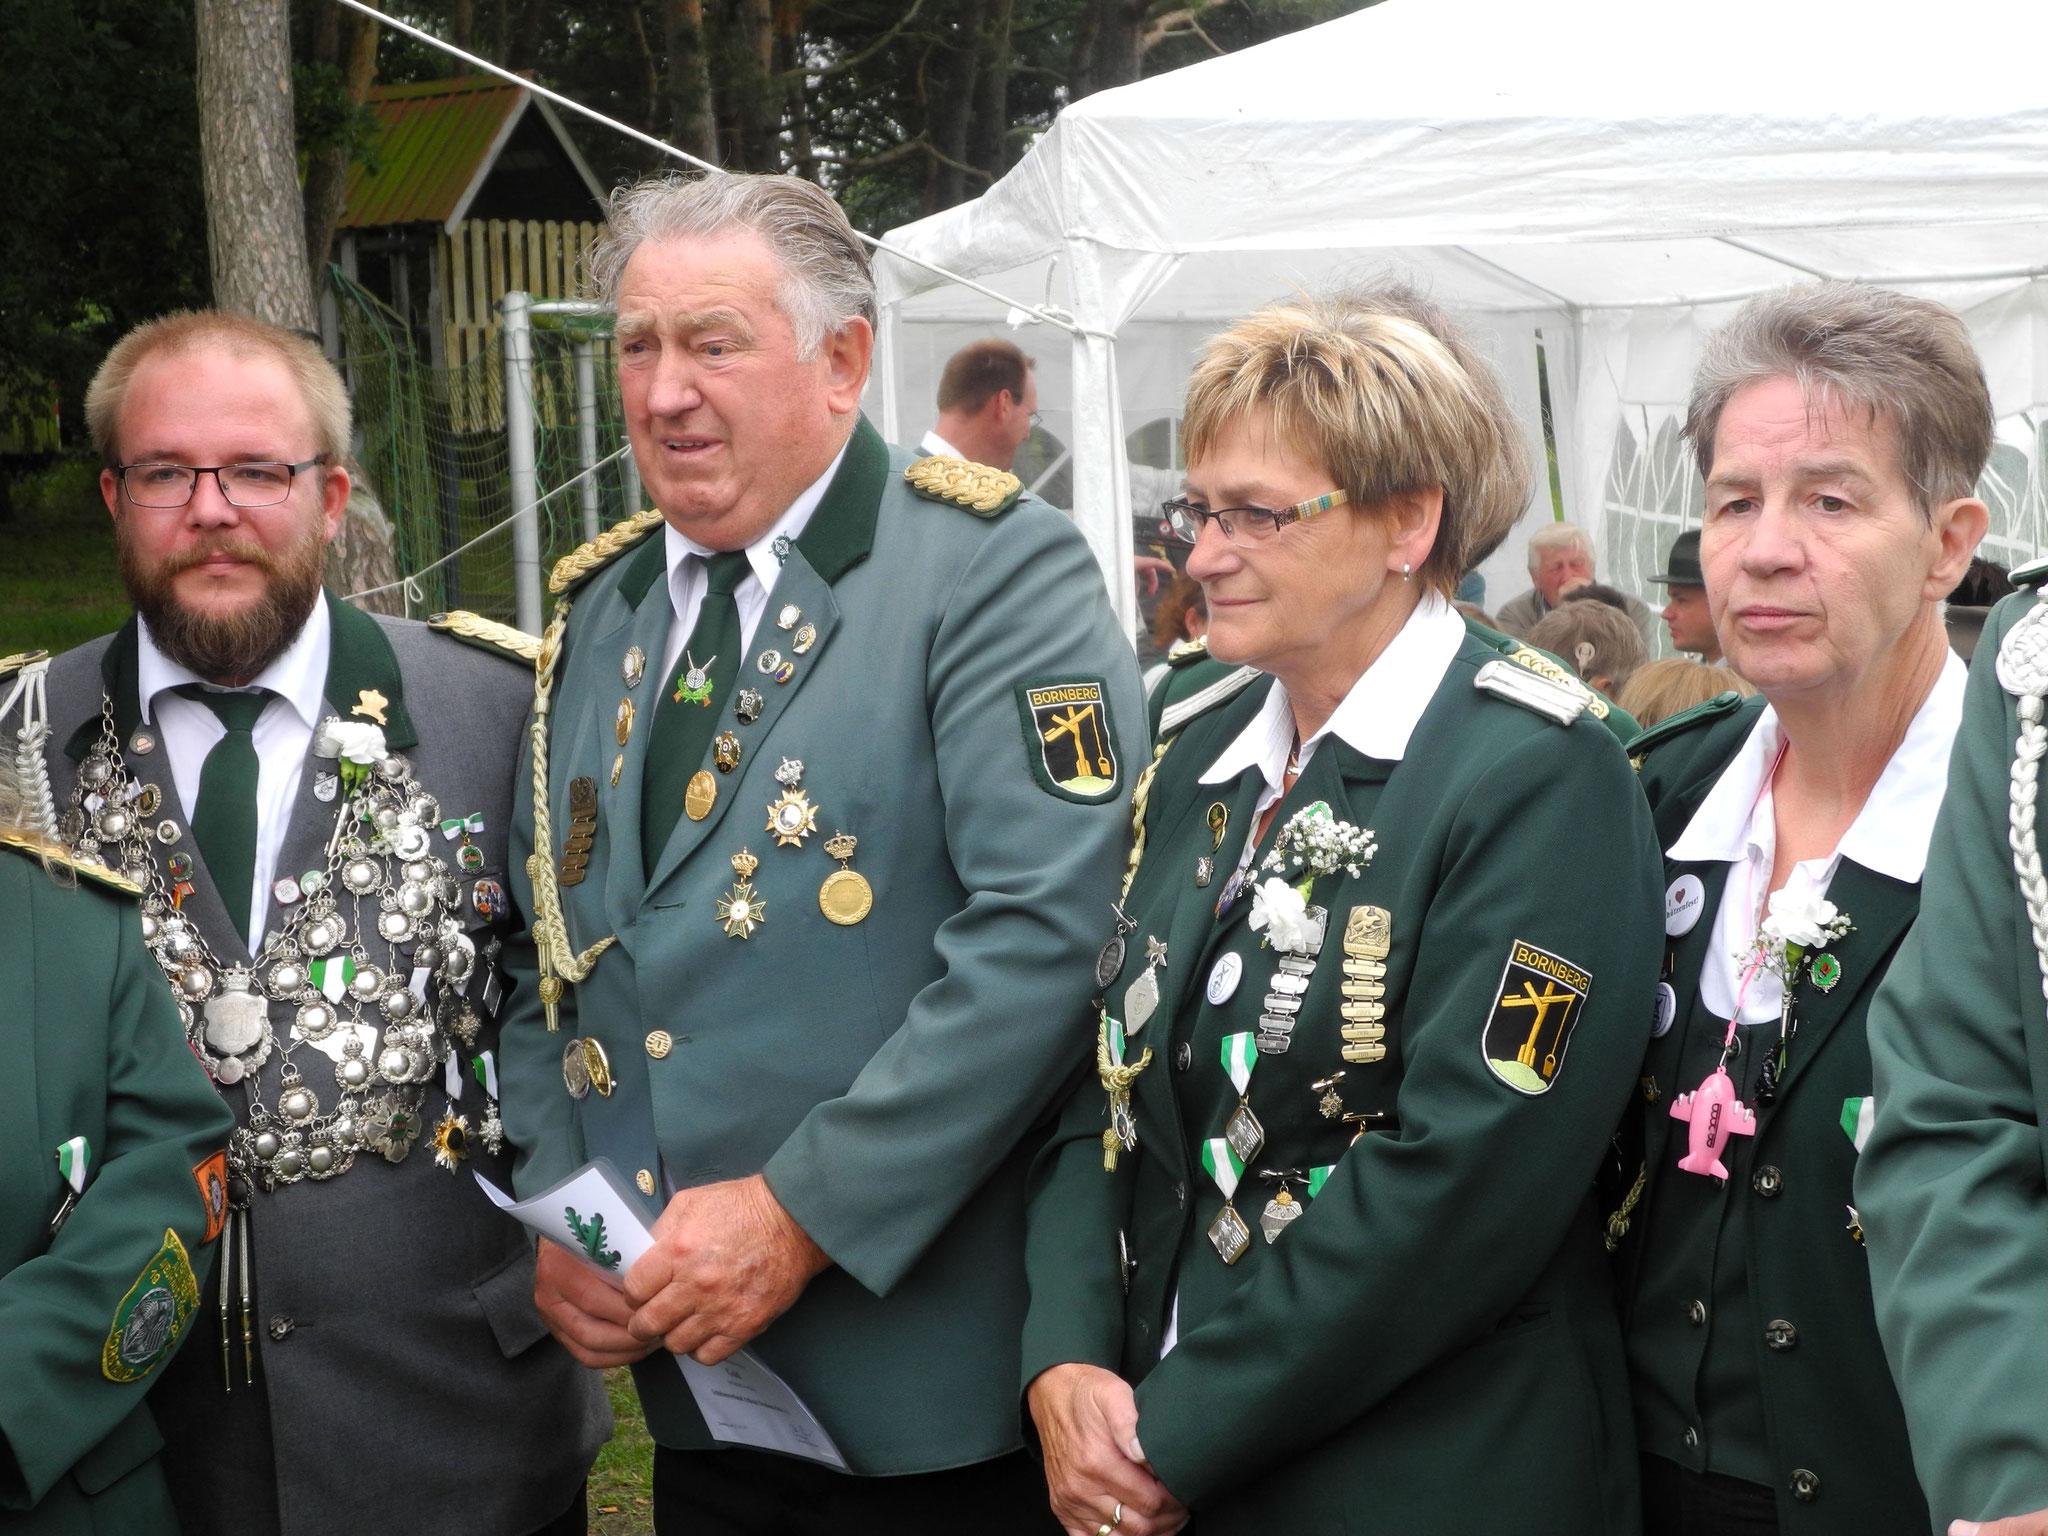 Vorstand, Antragstellerin und Geehrter lauschen der Laudatio  Foto: Bauer